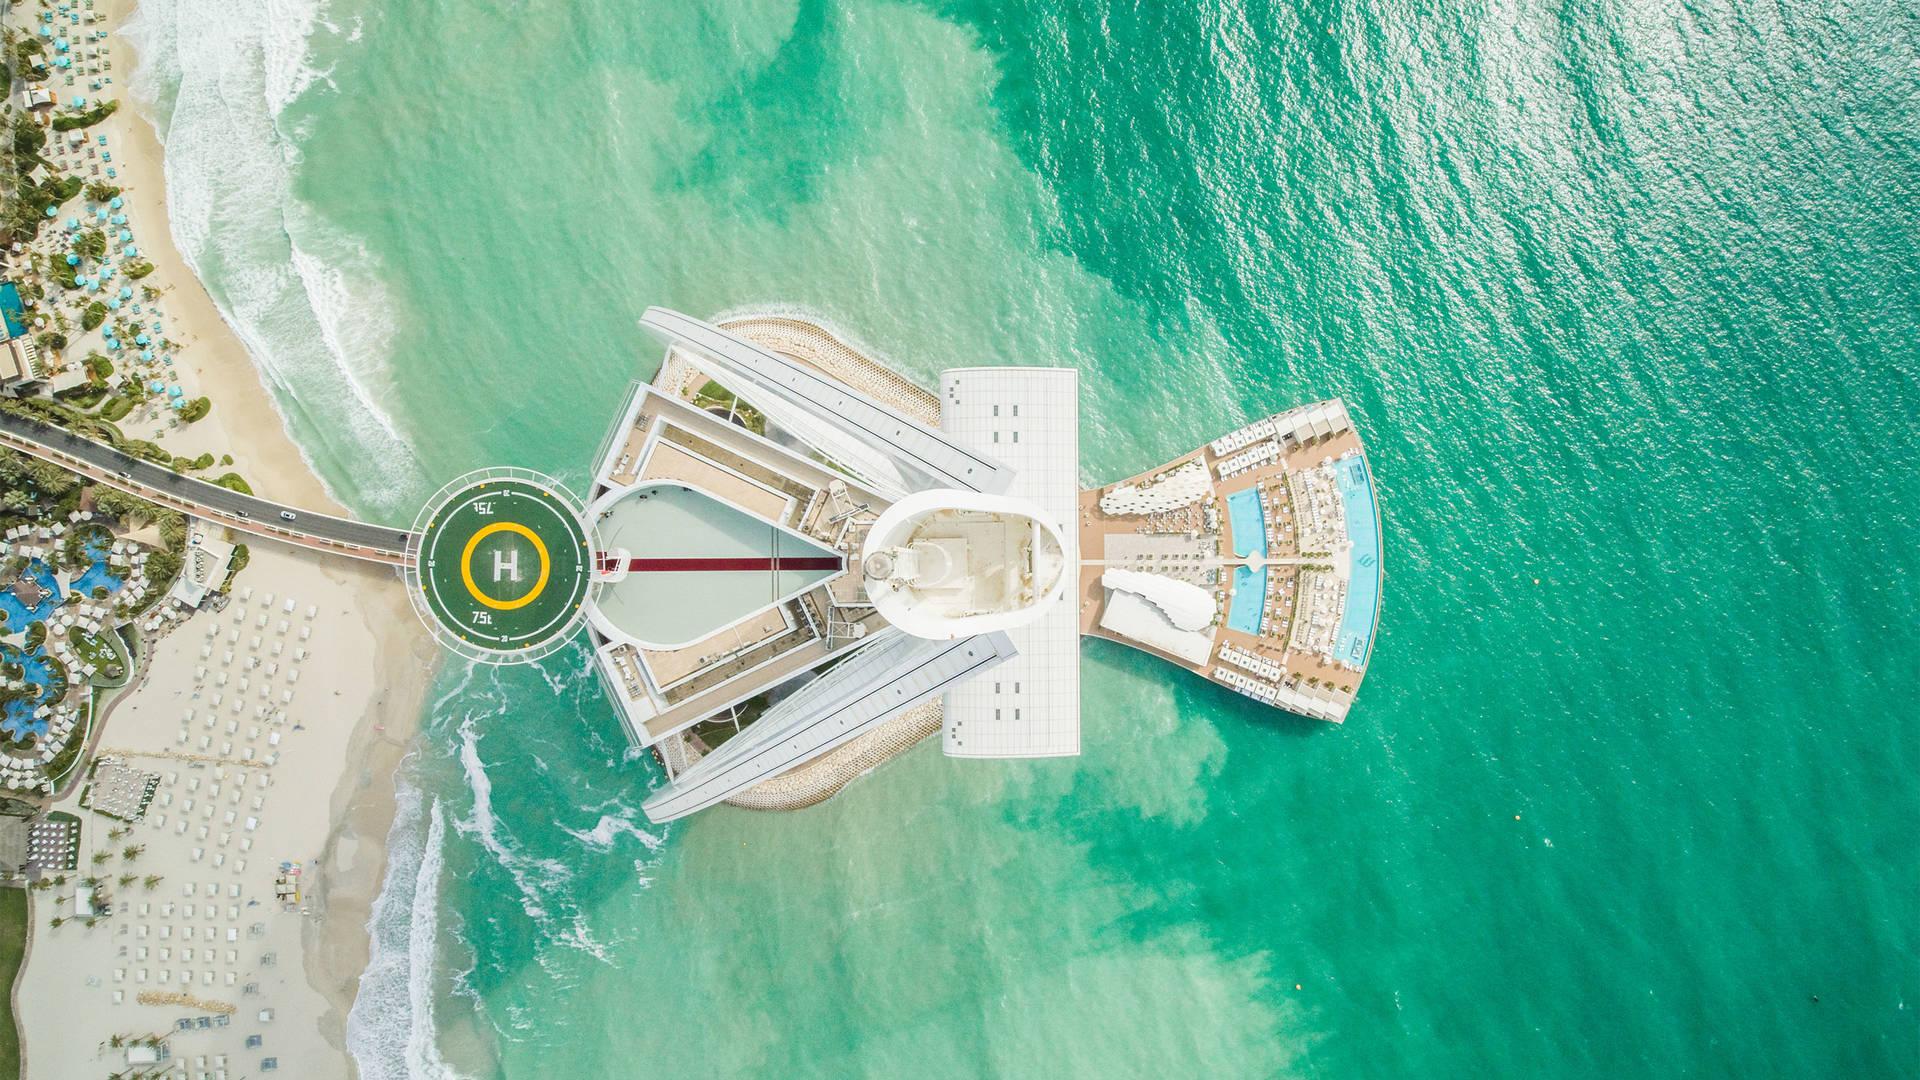 Burj Al Arab Jumeirah Aerial Drone